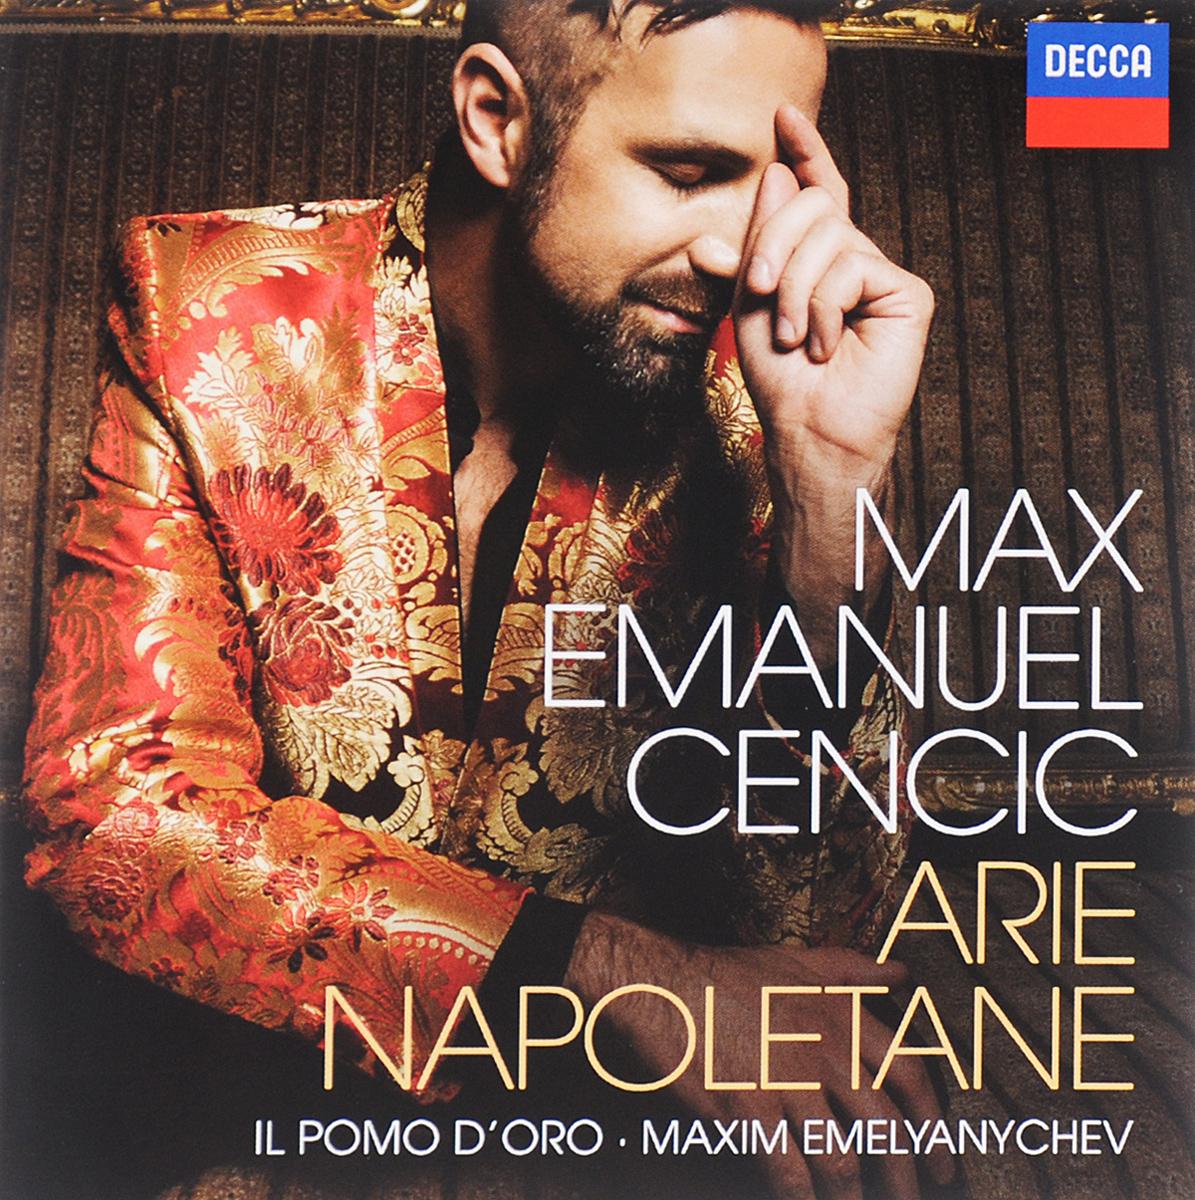 Max Emanuel Cencic. Arie Napolitane